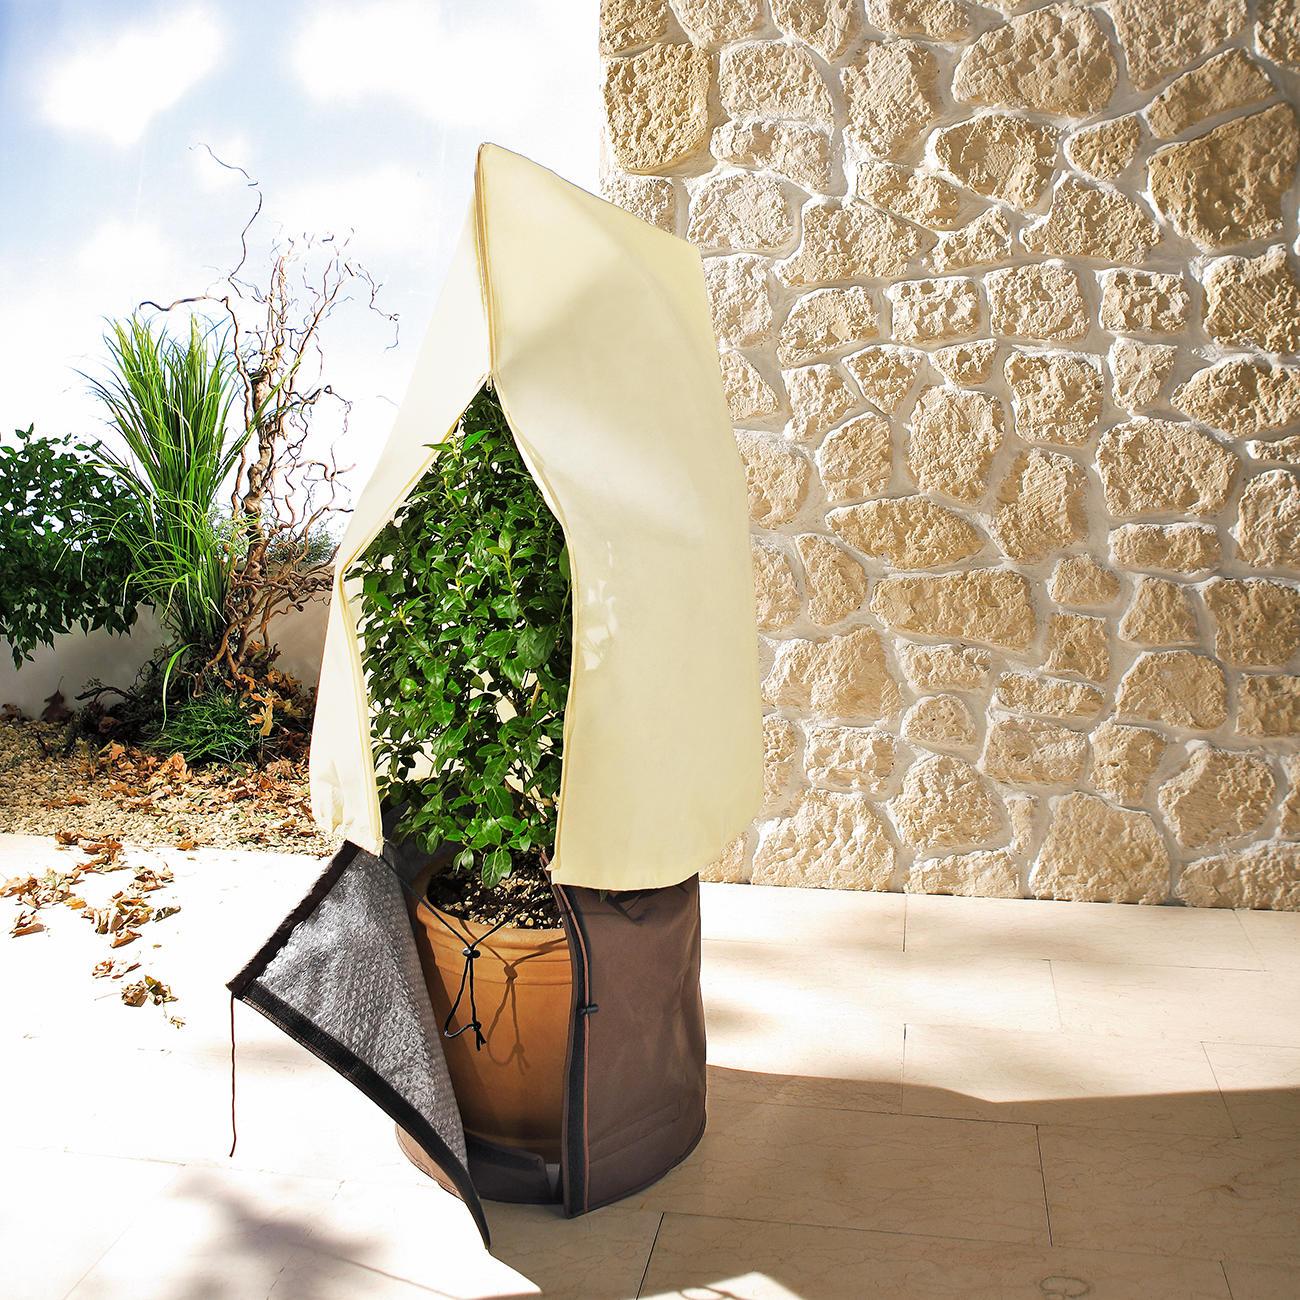 ruck zuck winterschutz 3 jahre garantie pro idee. Black Bedroom Furniture Sets. Home Design Ideas